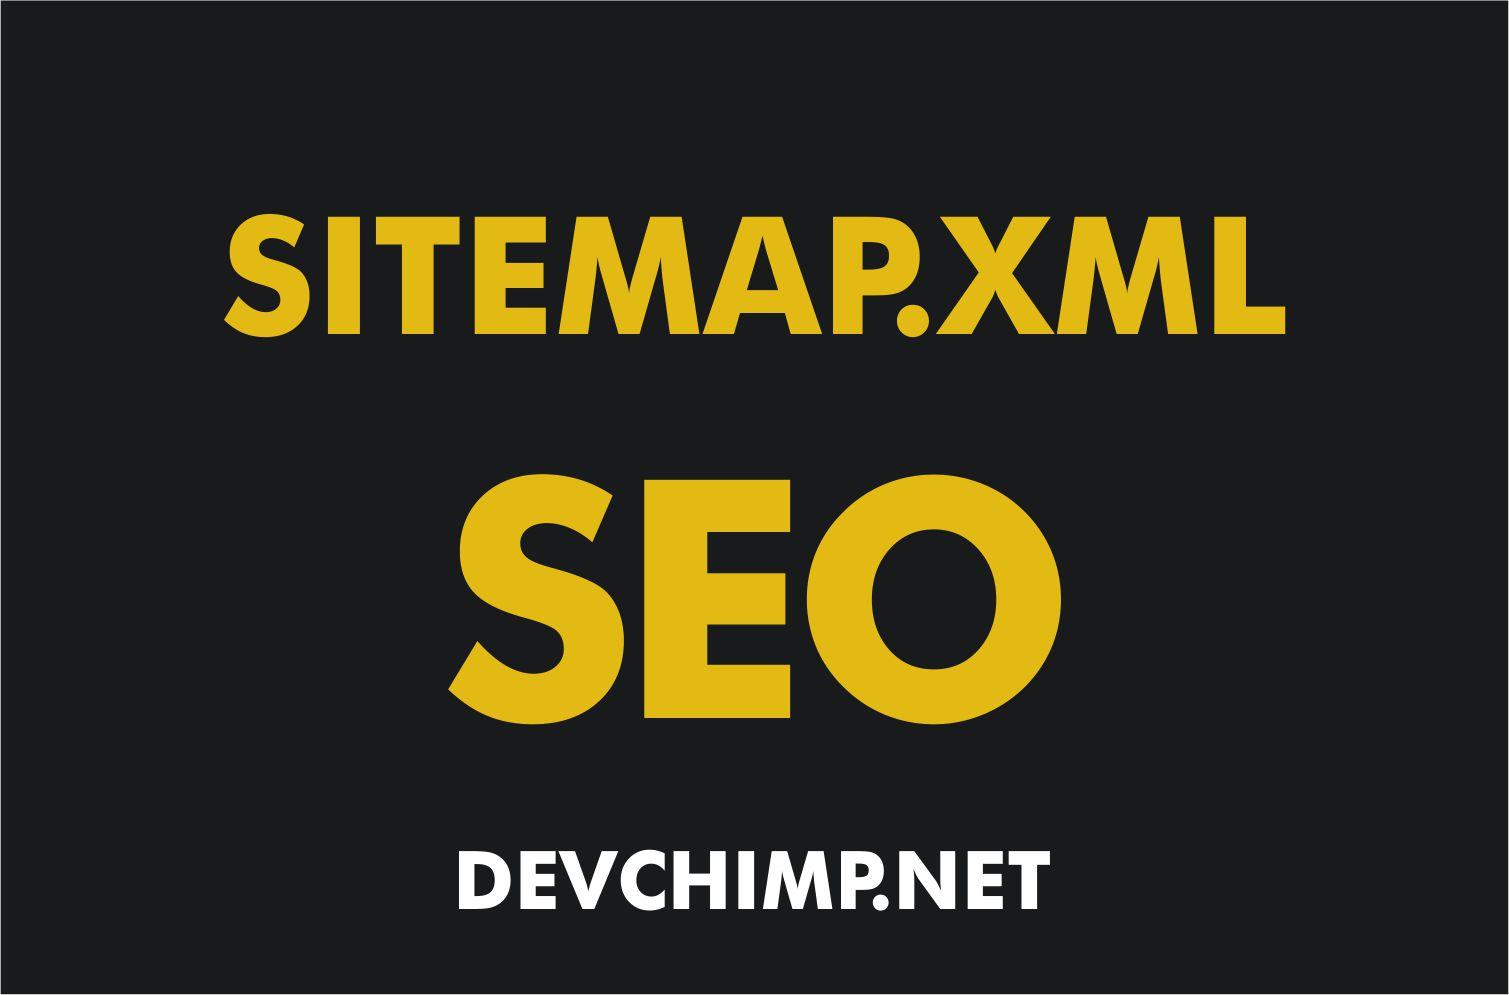 sitemap xml for seo a beginner s guide devchimp